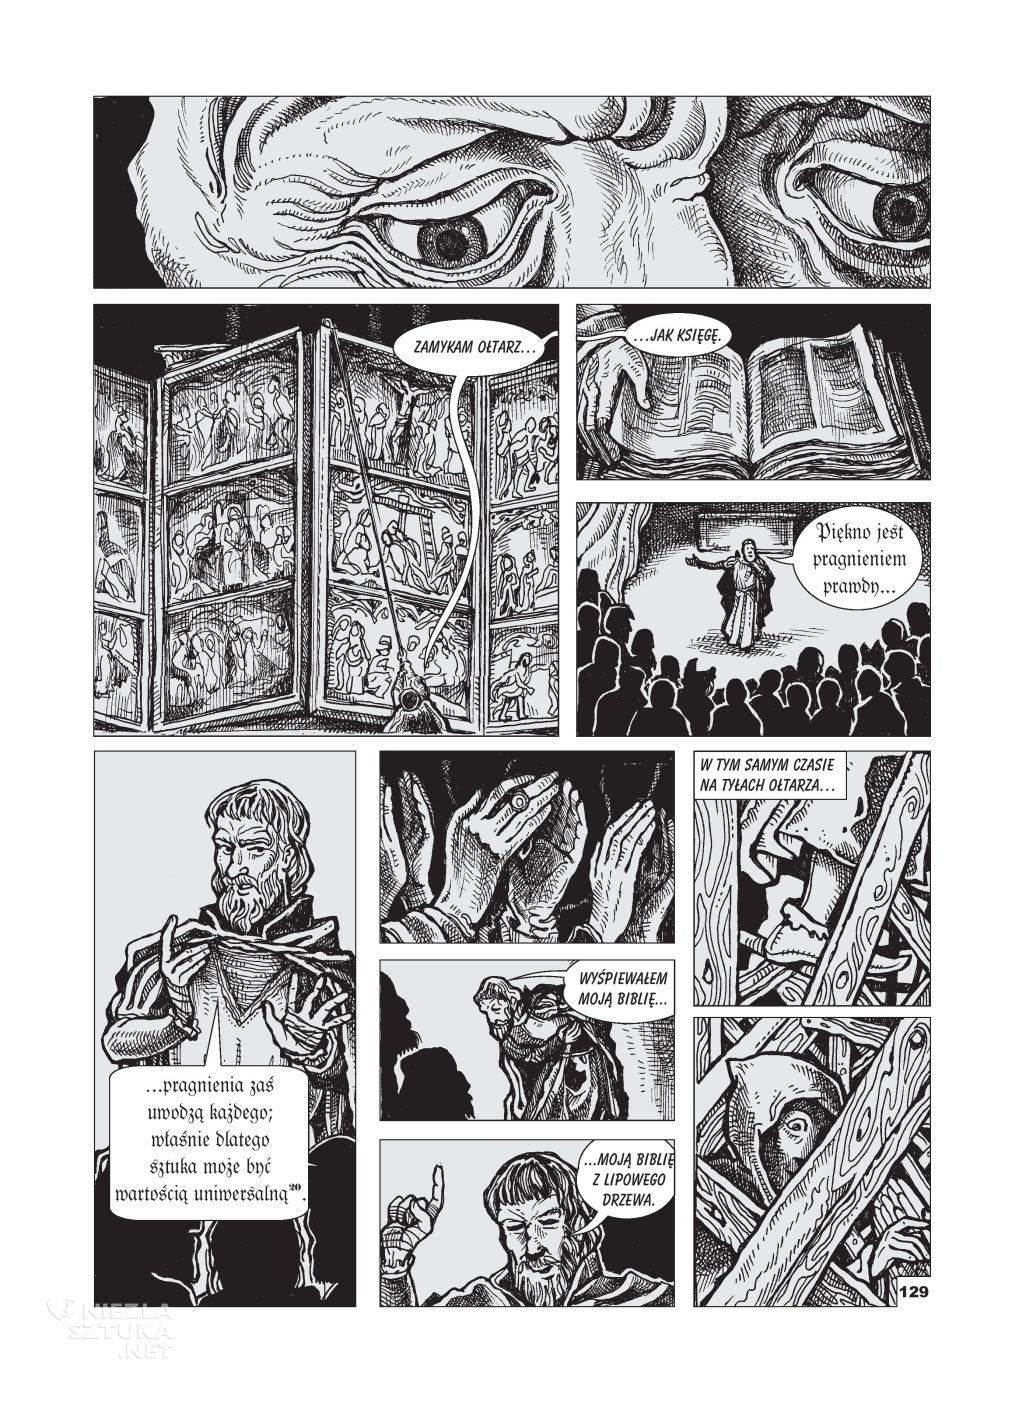 16_oltarz-page-009